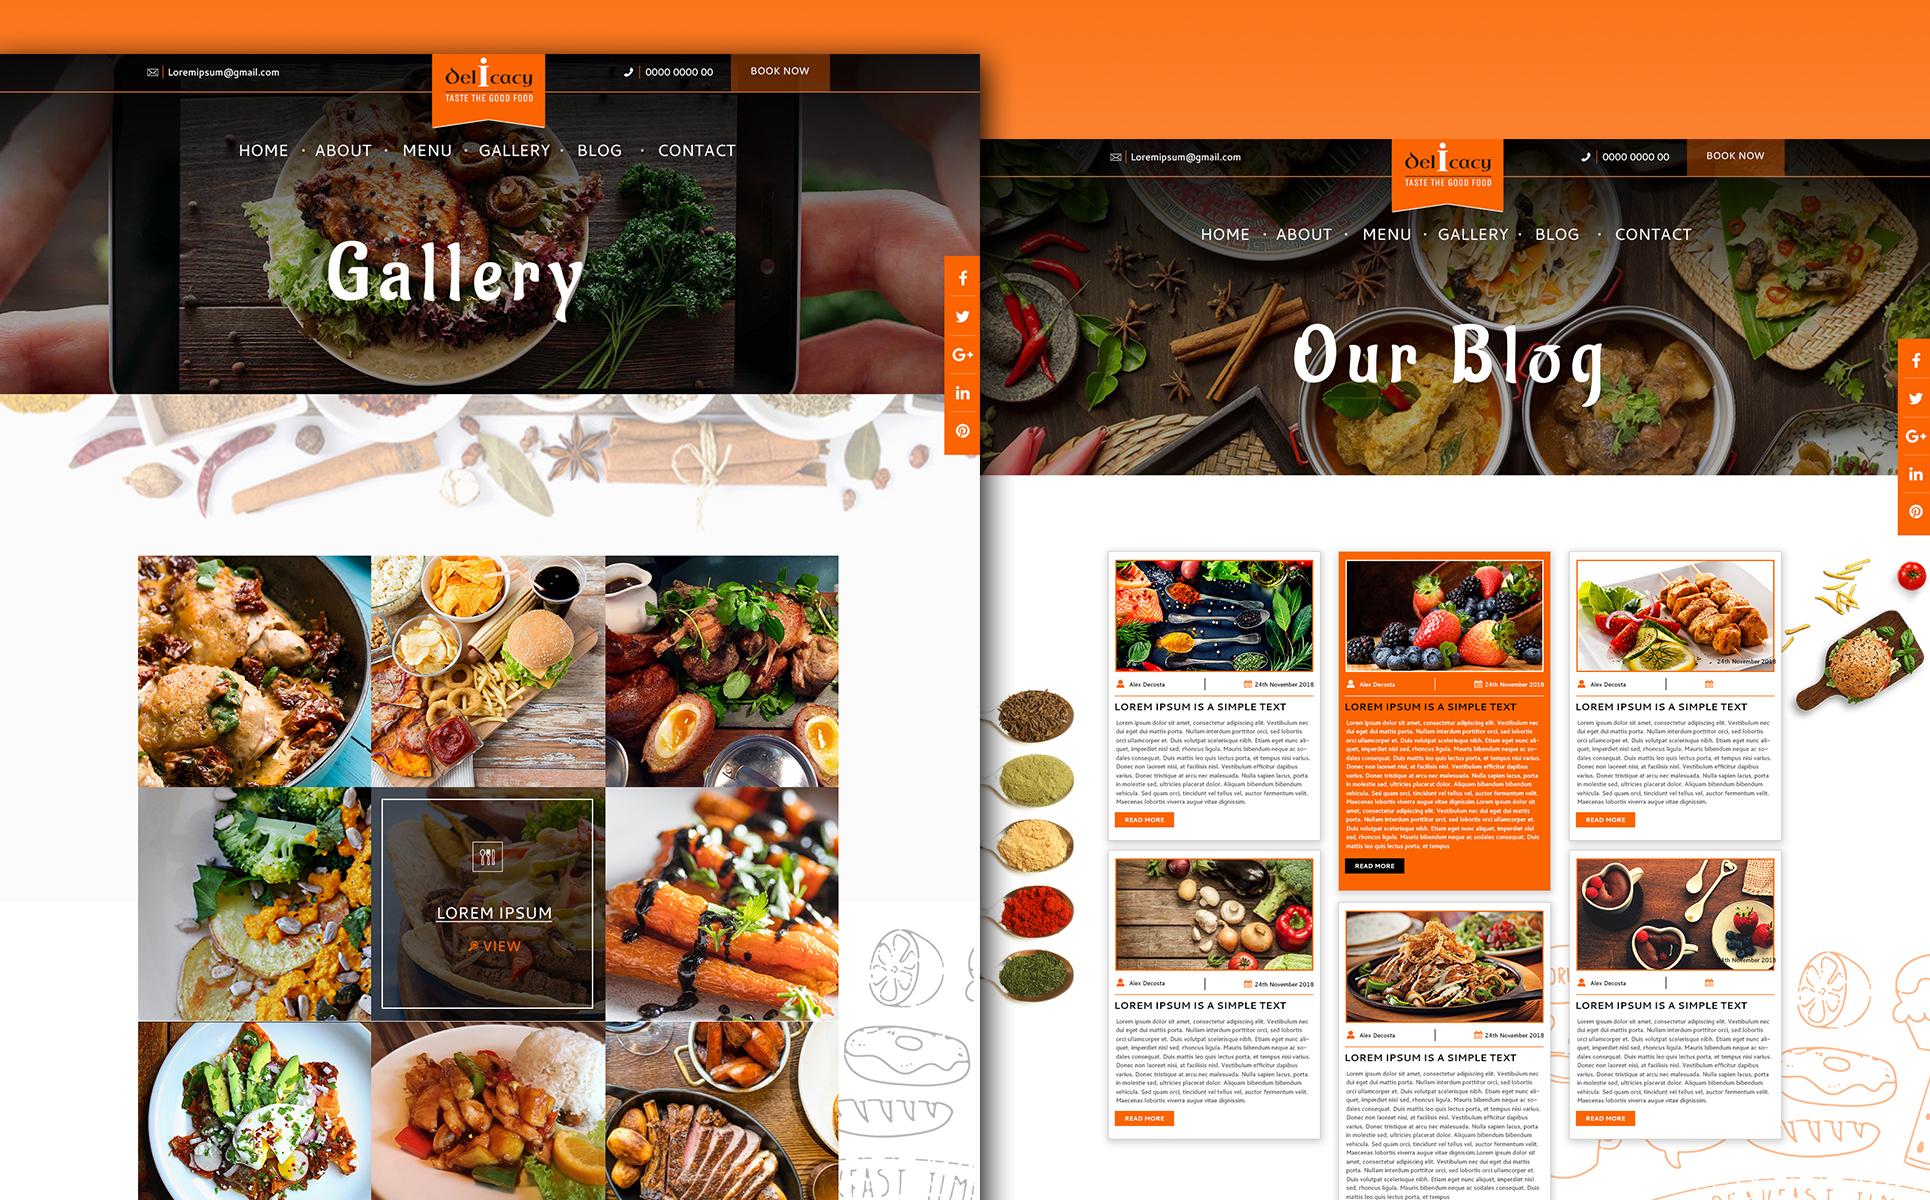 Plantilla para psd - Categoría: Cafés y restaurantes - versión para Desktop